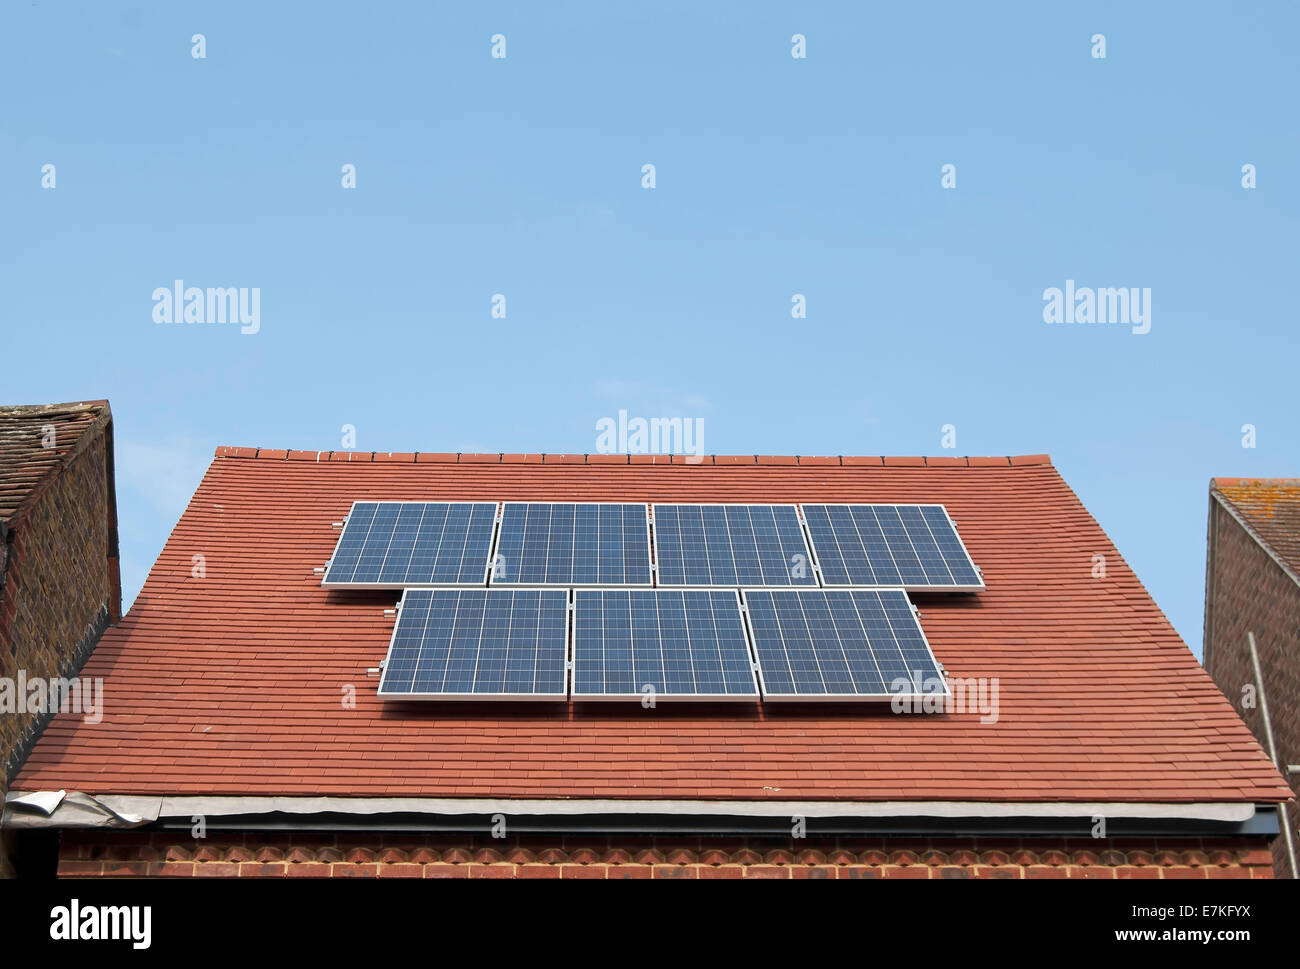 Siete paneles solares en el techo de una casa recién construida, Twickenham, Middlesex, Inglaterra Imagen De Stock